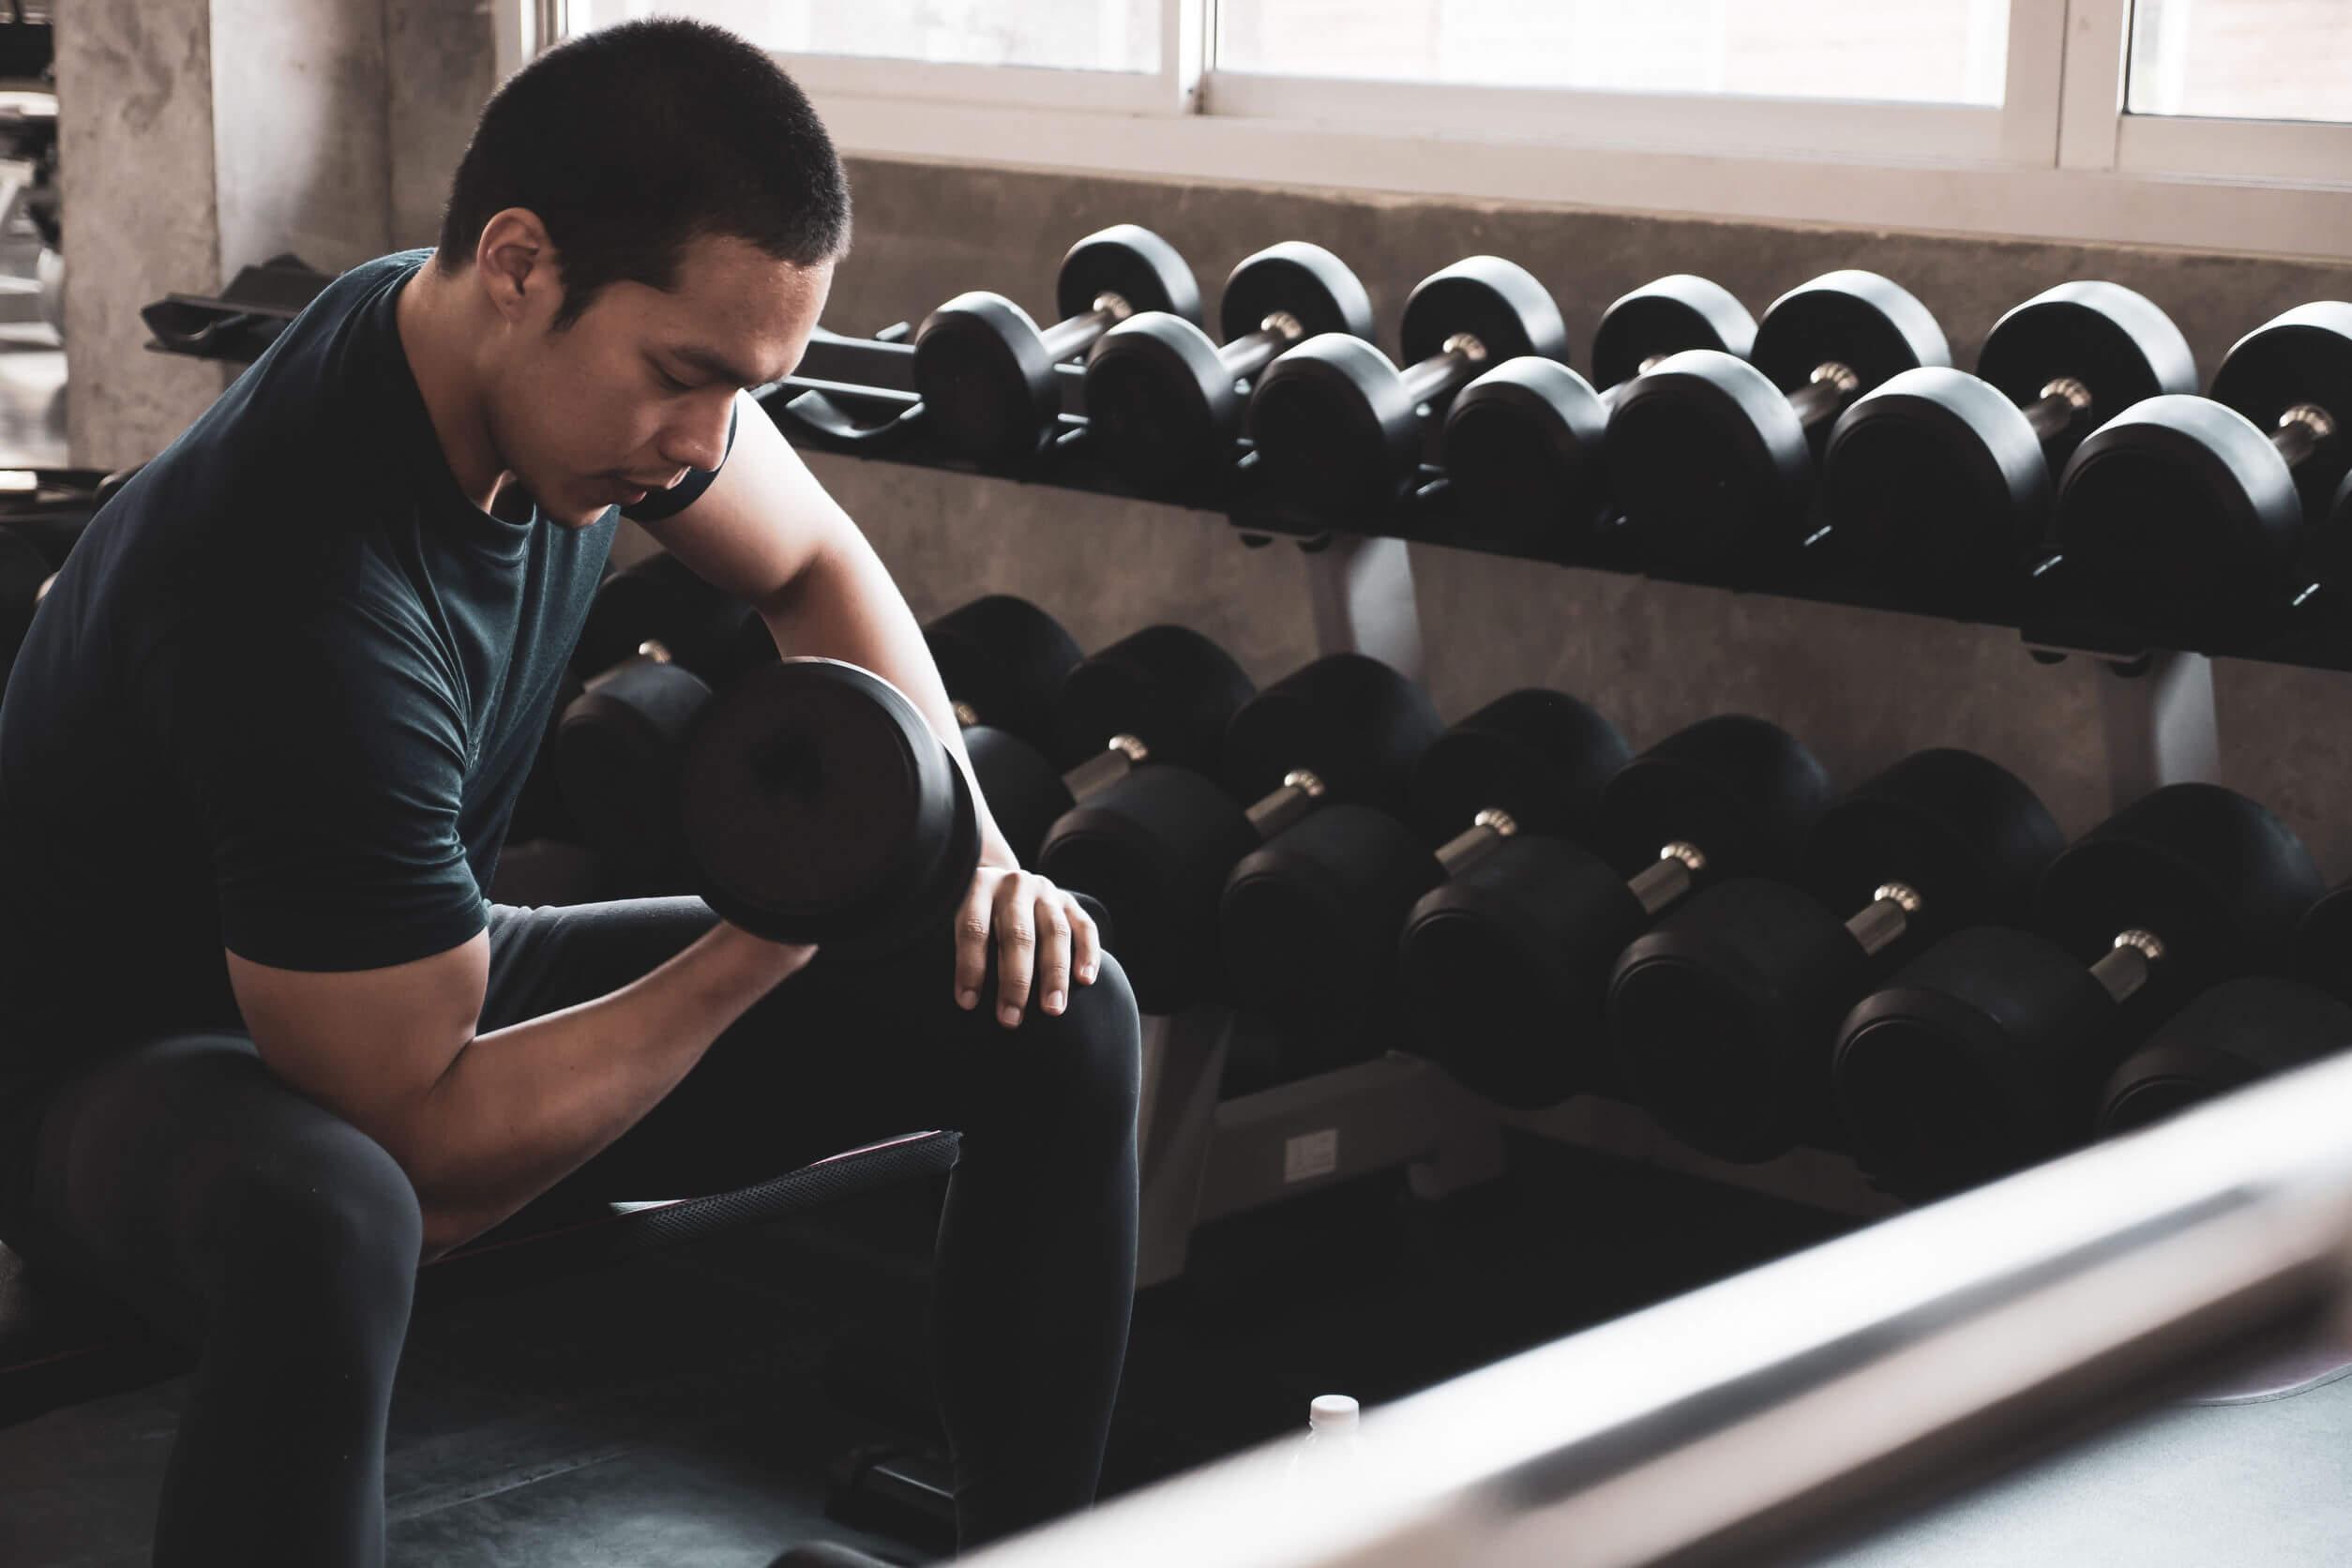 Los batidos de proteína saludables pueden ayudar en el rendimiento deportivo.